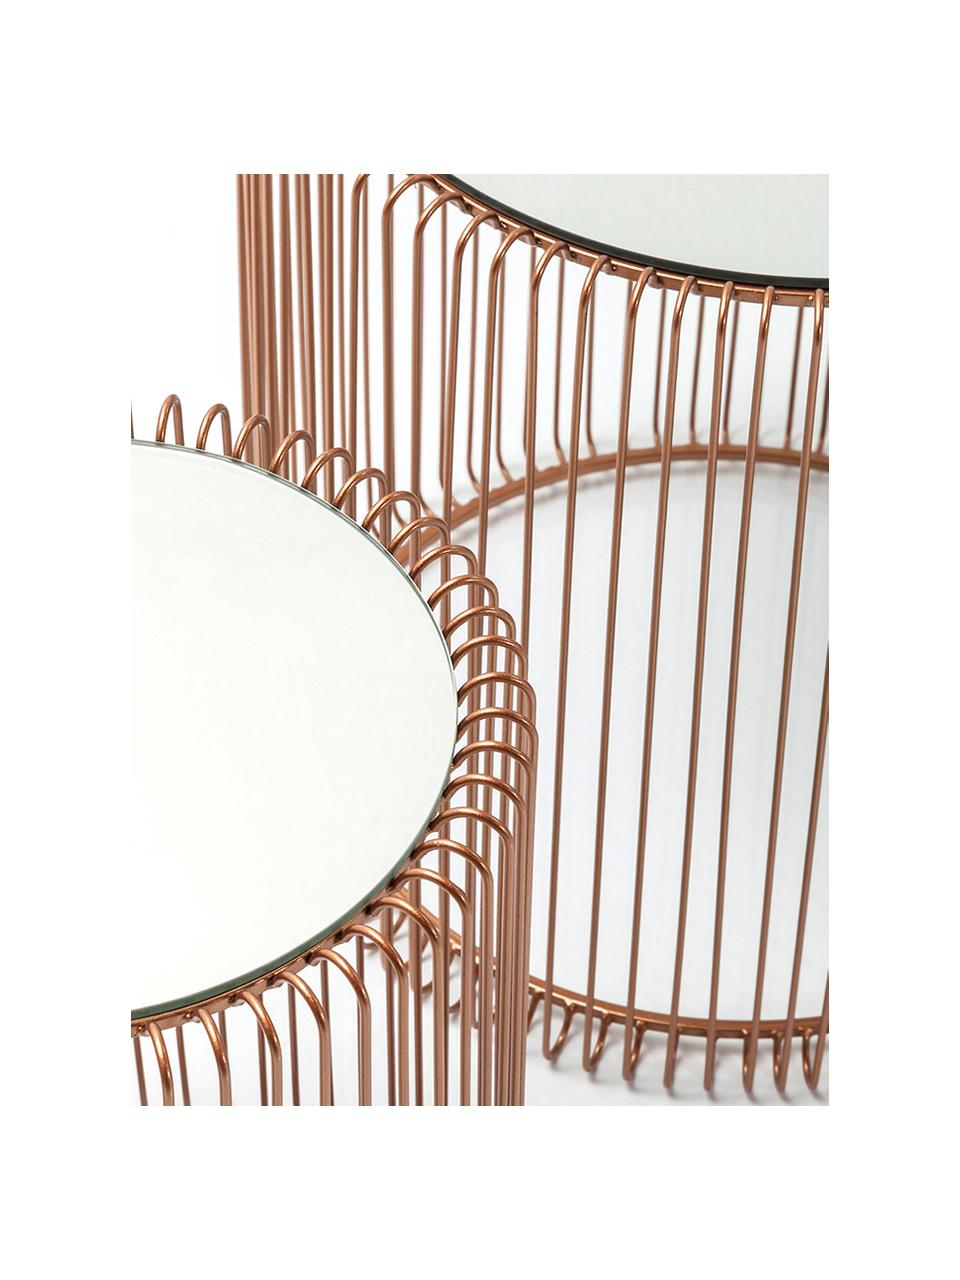 Metalen bijzettafel Wire met glazen tafelblad, 2-delig, Frame: gepoedercoat metaal, Tafelblad: veiligheidsglas, in folie, Koperkleurig, Set met verschillende formaten